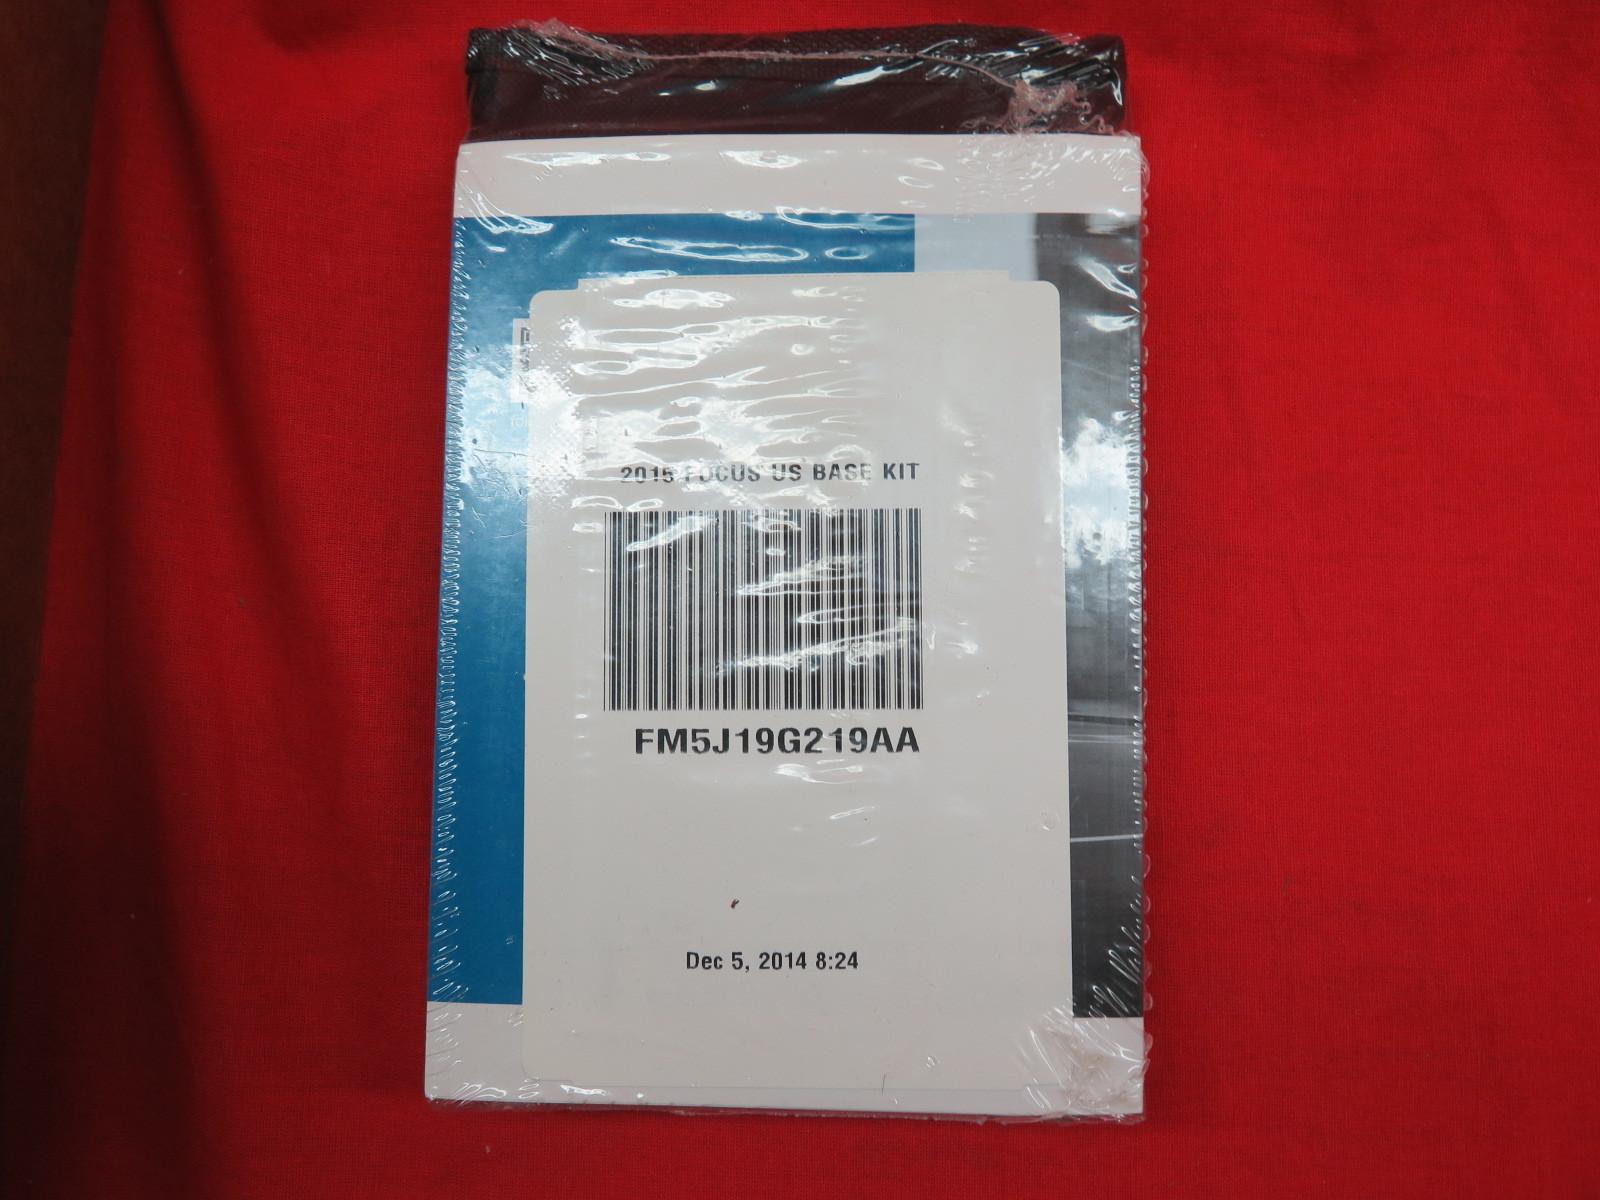 ford focus instruction manuals. Black Bedroom Furniture Sets. Home Design Ideas